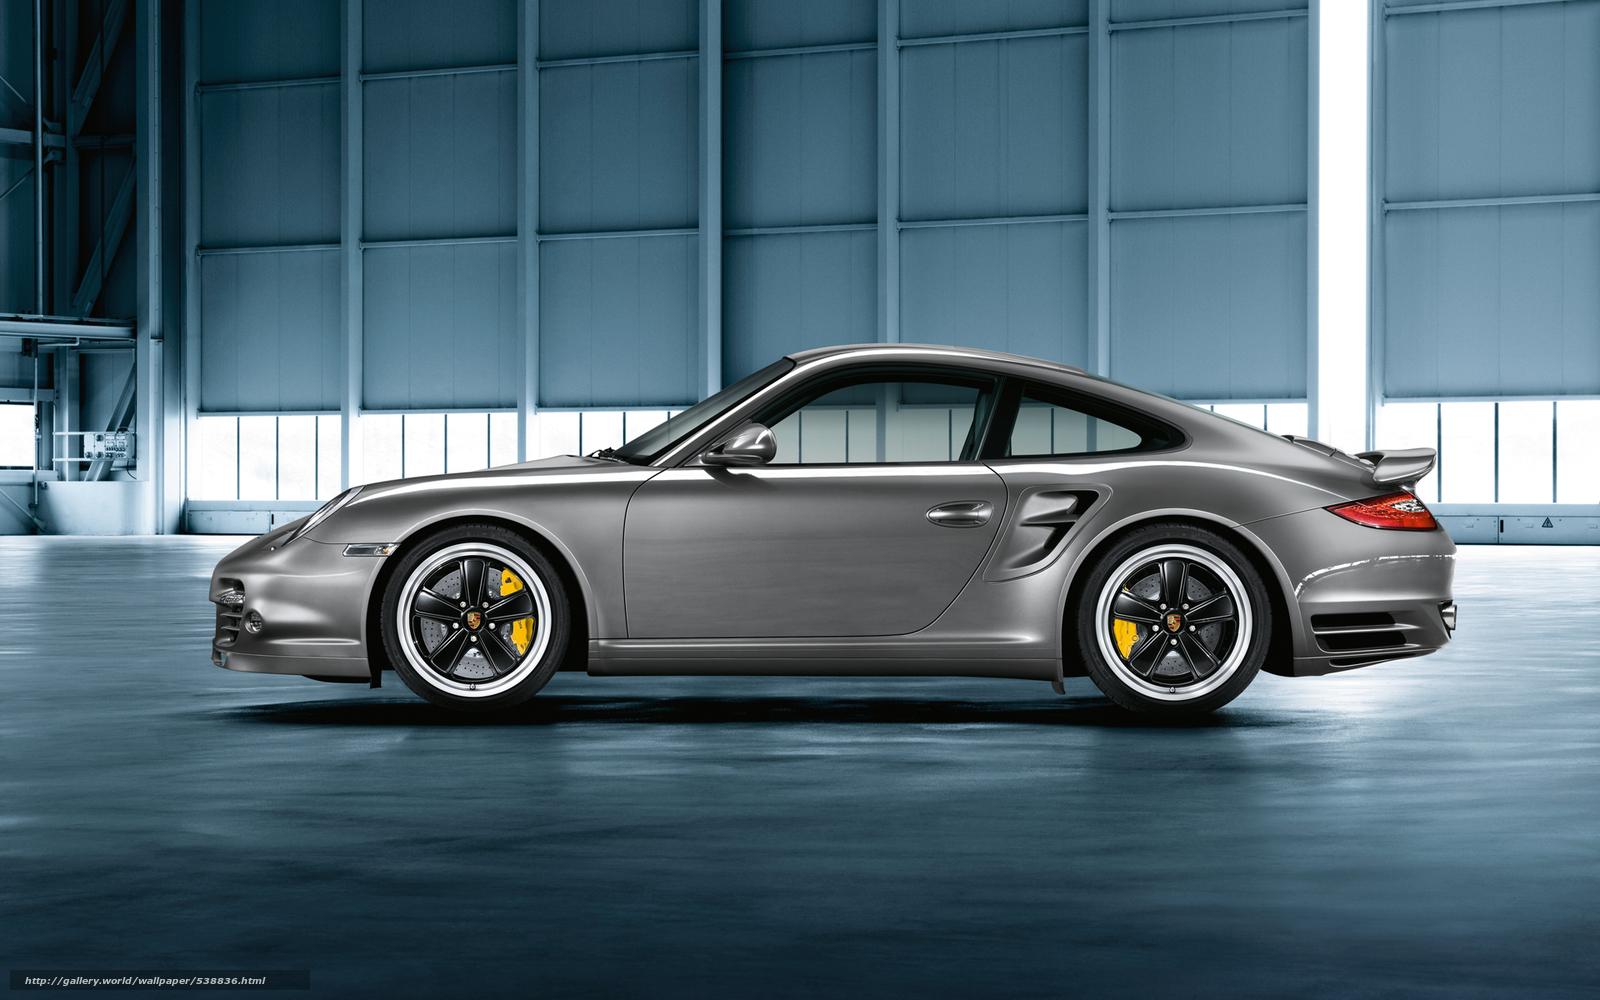 Tlcharger Fond D Ecran Porsche 911 Turbo 997 Fonds D